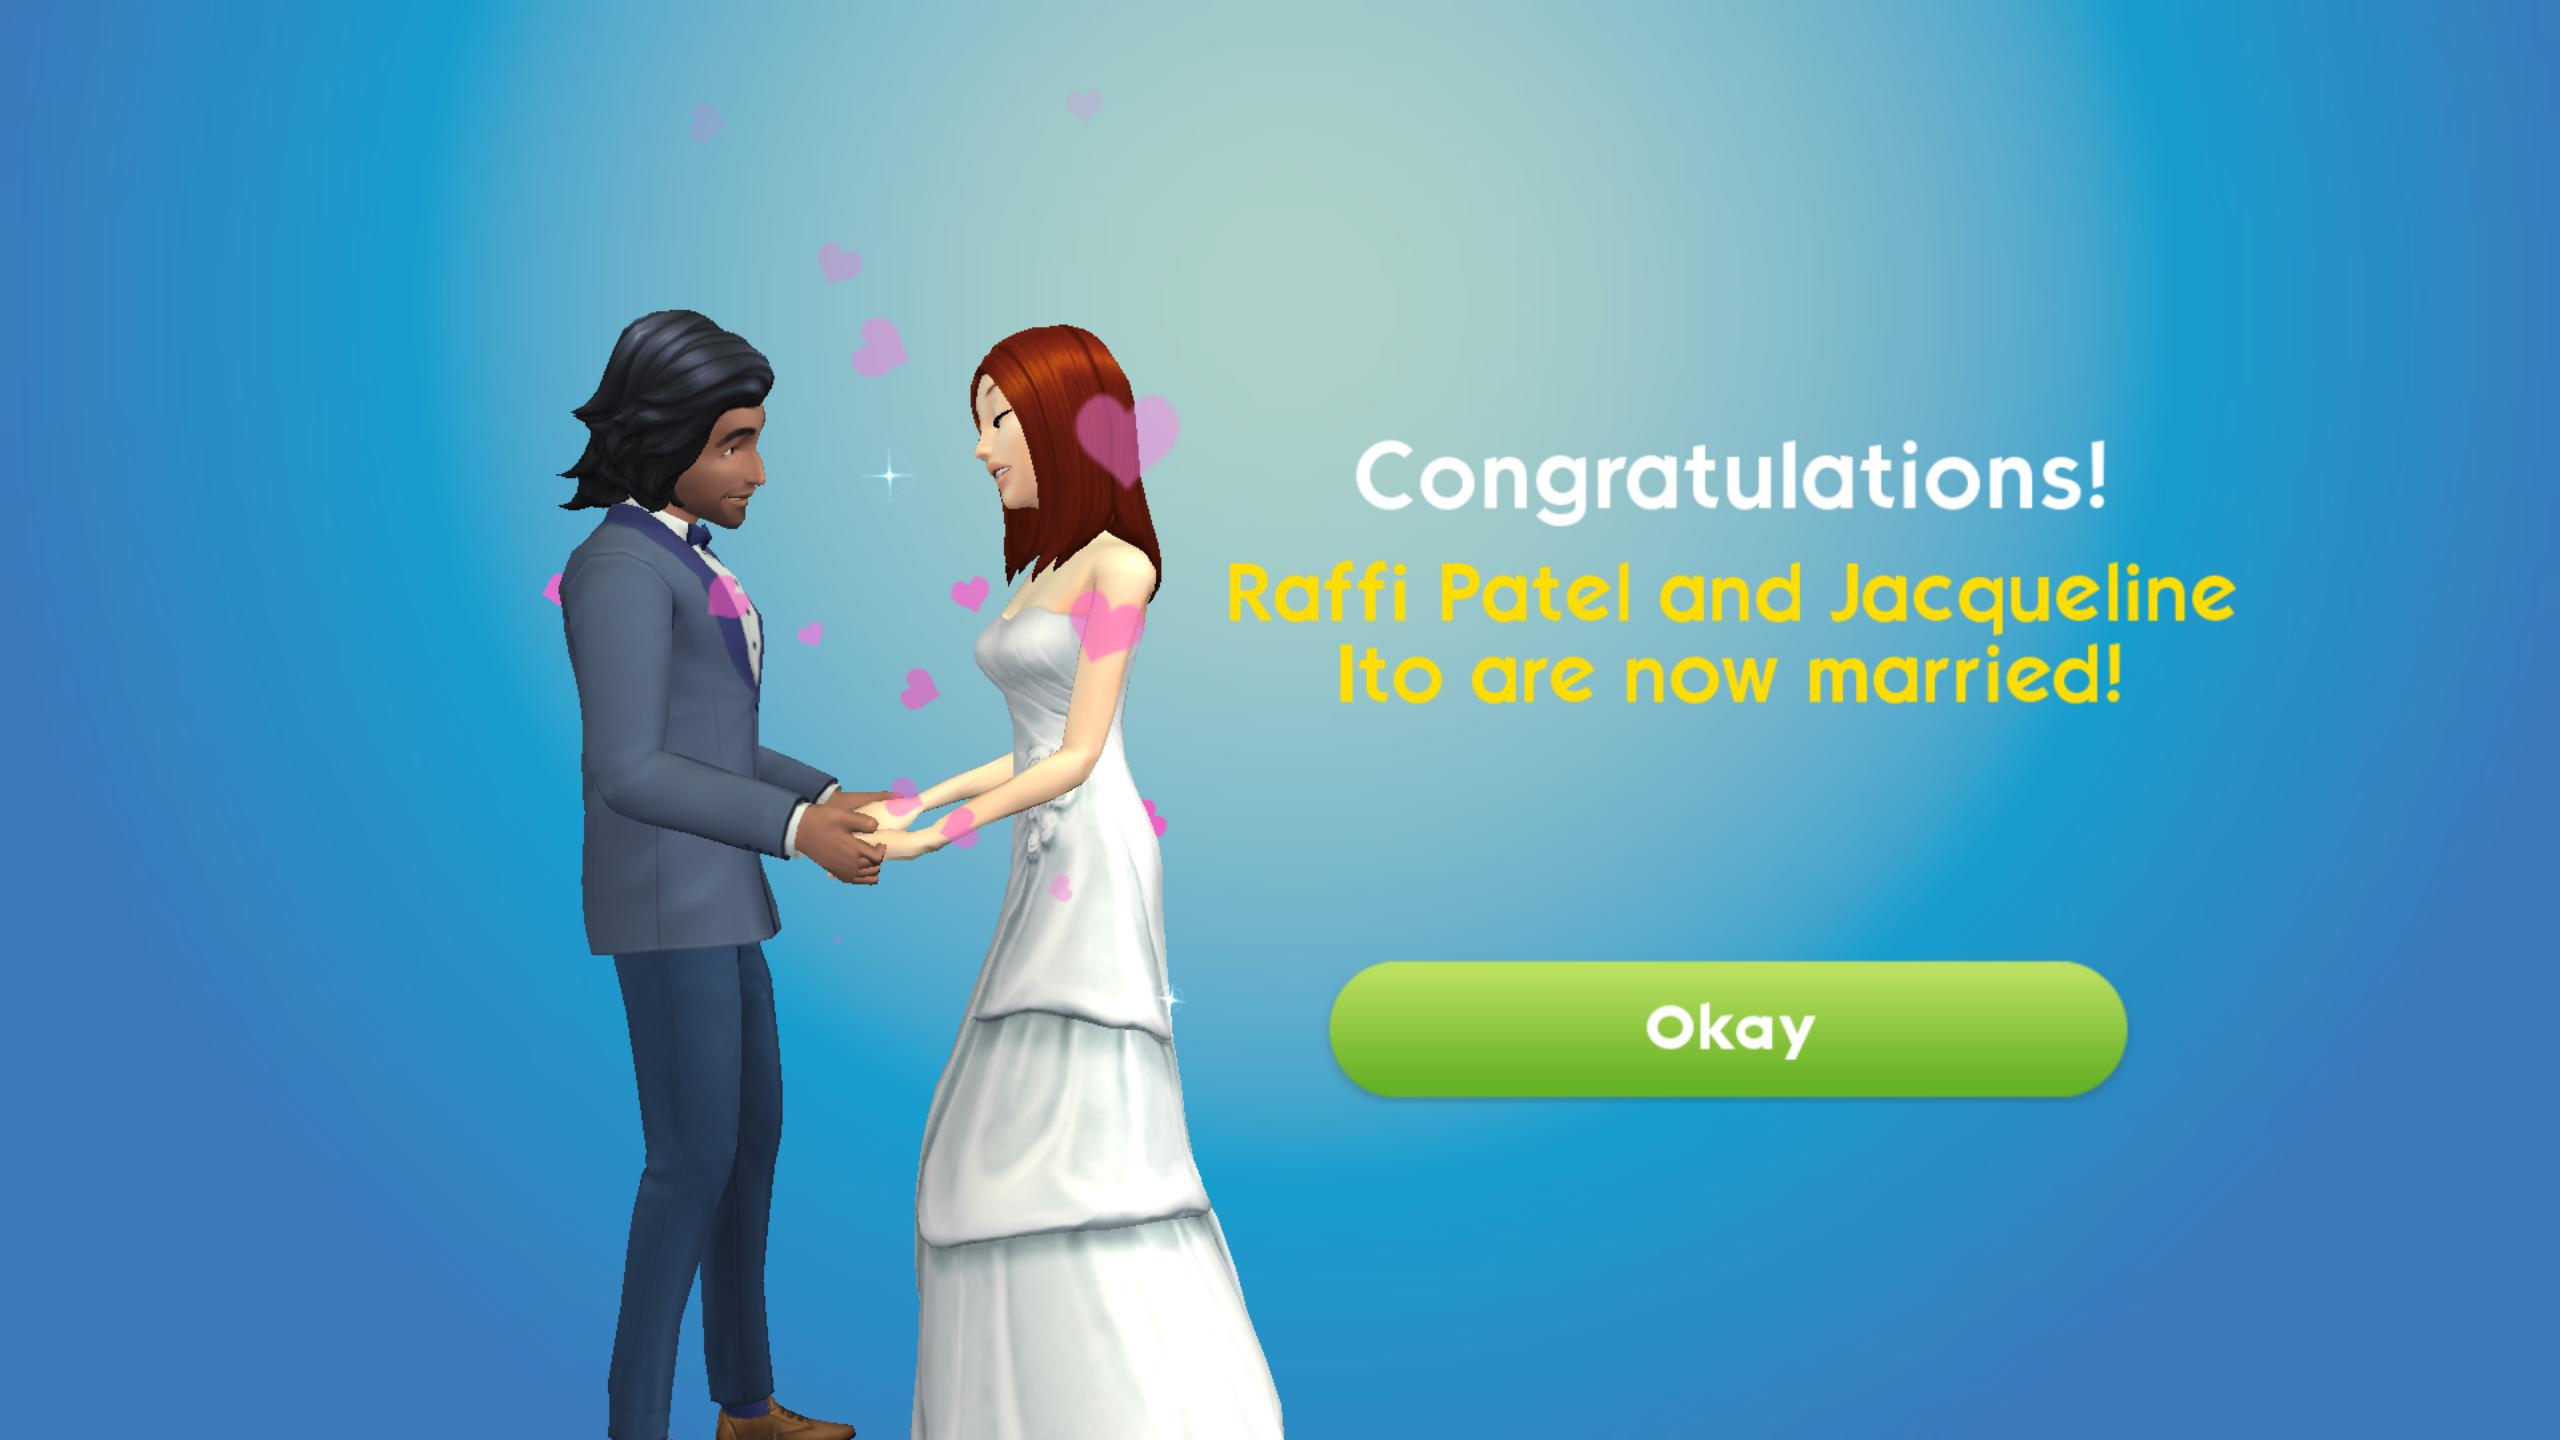 ازدواج سیمز موبایل بازی آندروید سیمز سیمز ازدواج عروسی